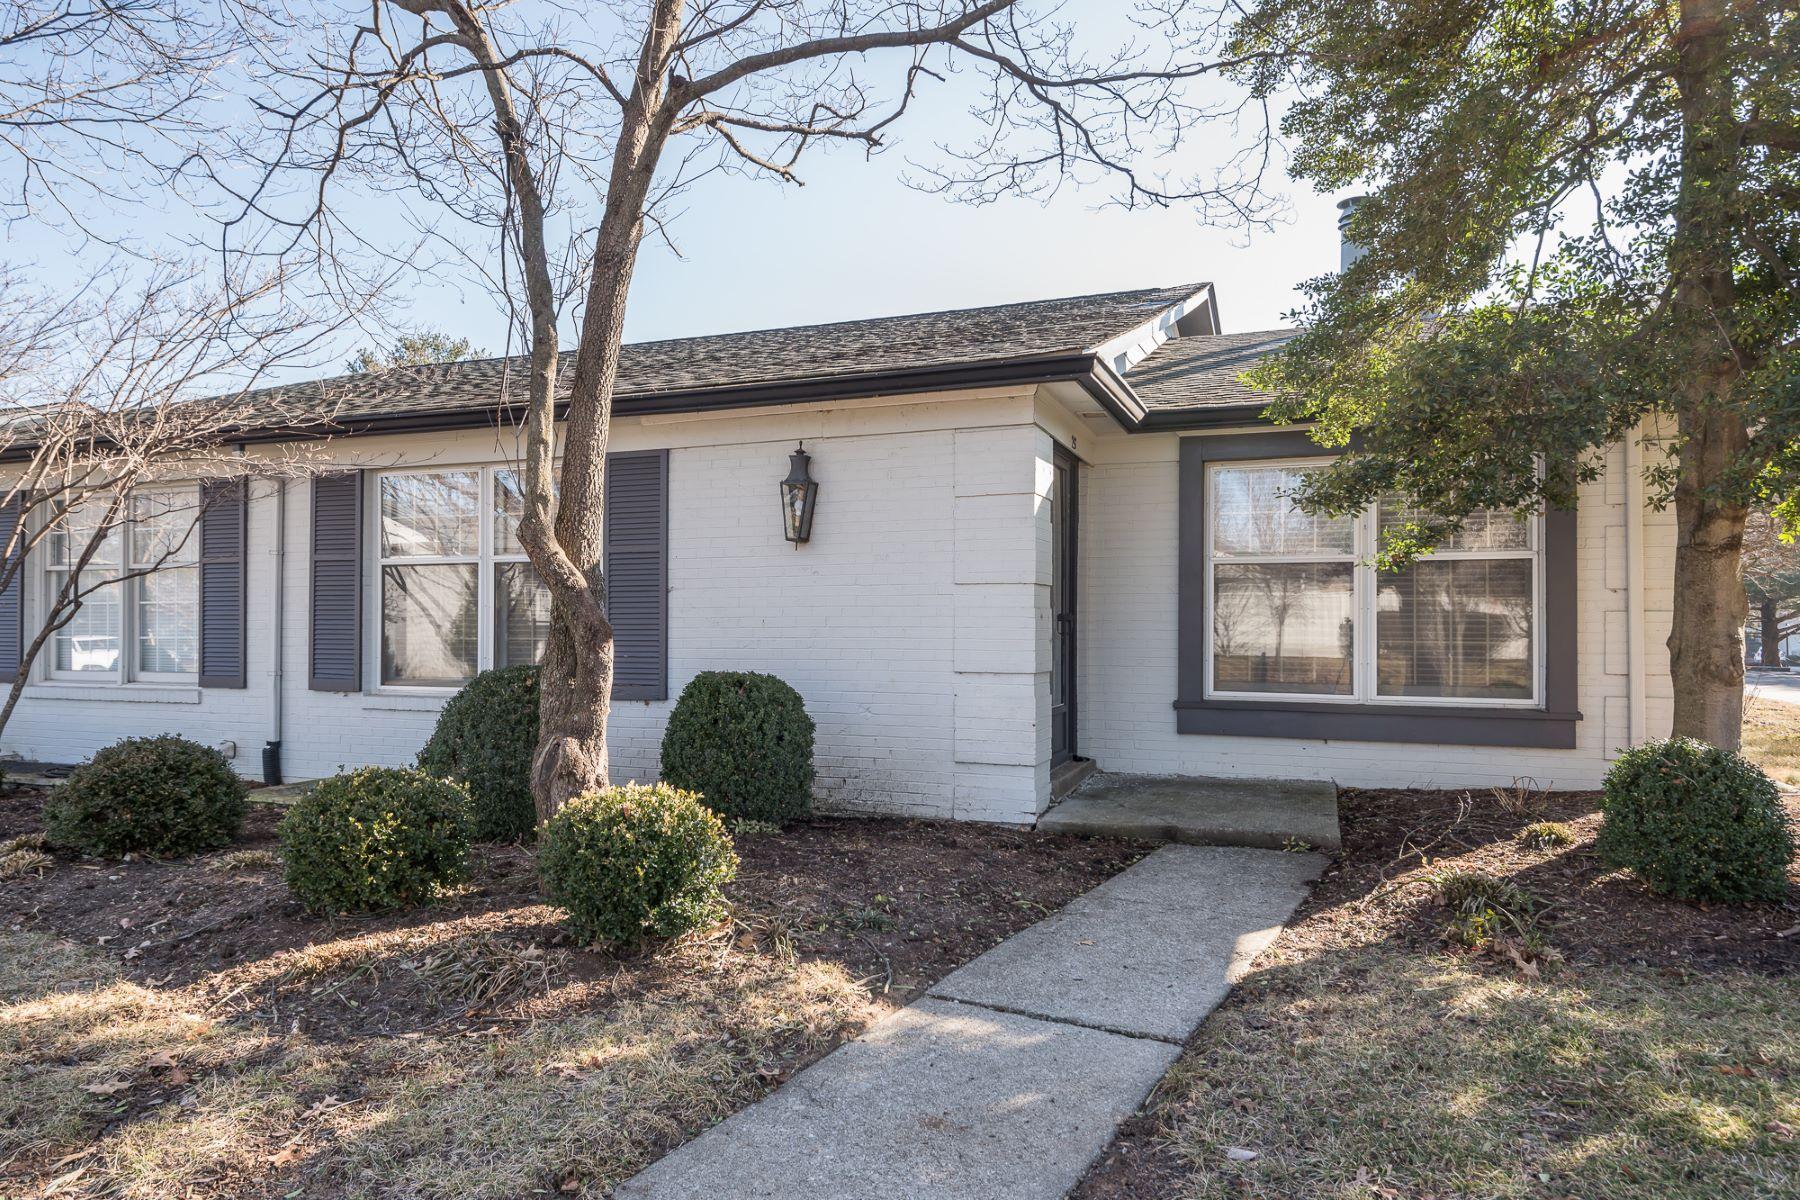 Condominium for Sale at 395 Redding Road #25 395 Redding Road #25 Lexington, Kentucky 40517 United States